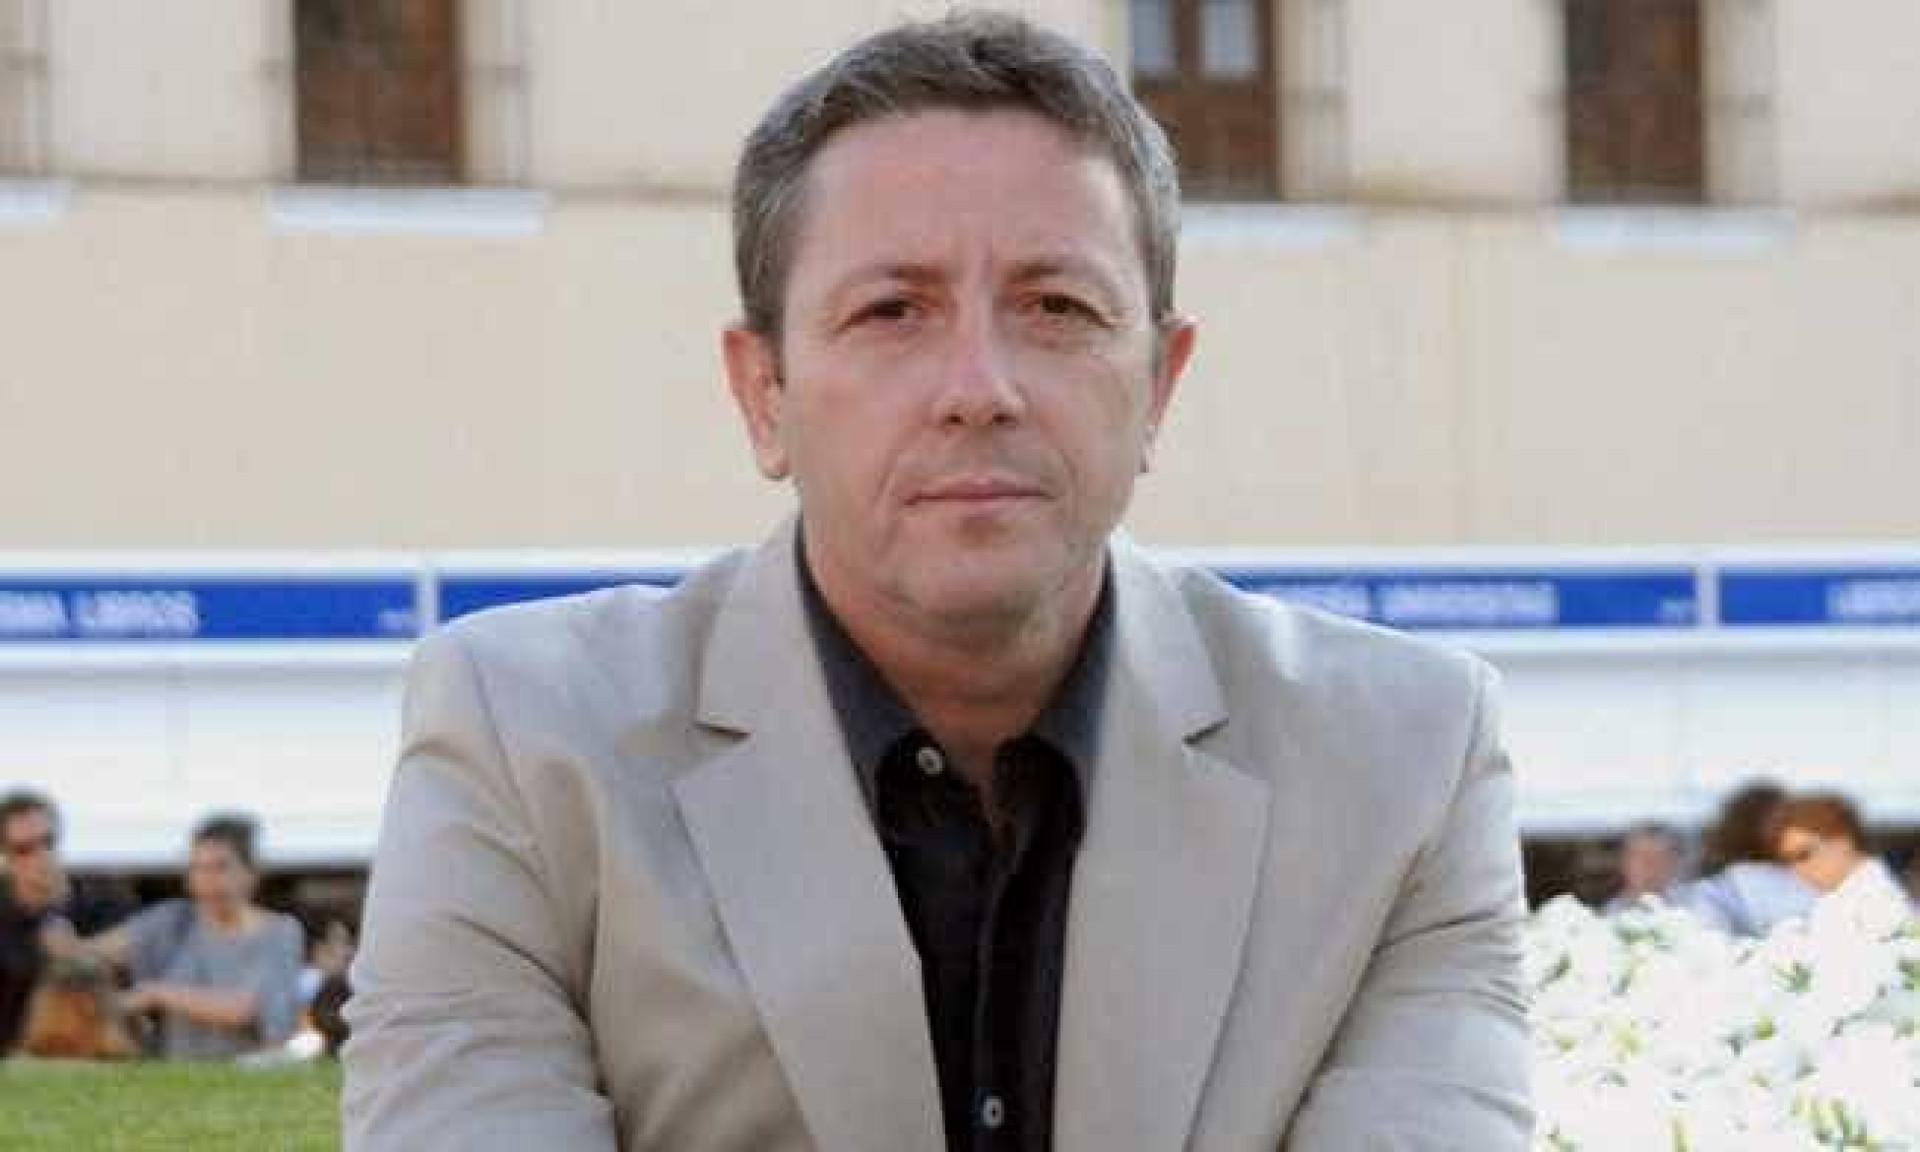 Conheça Alonso Guerrero, o ex-marido da Rainha de Espanha